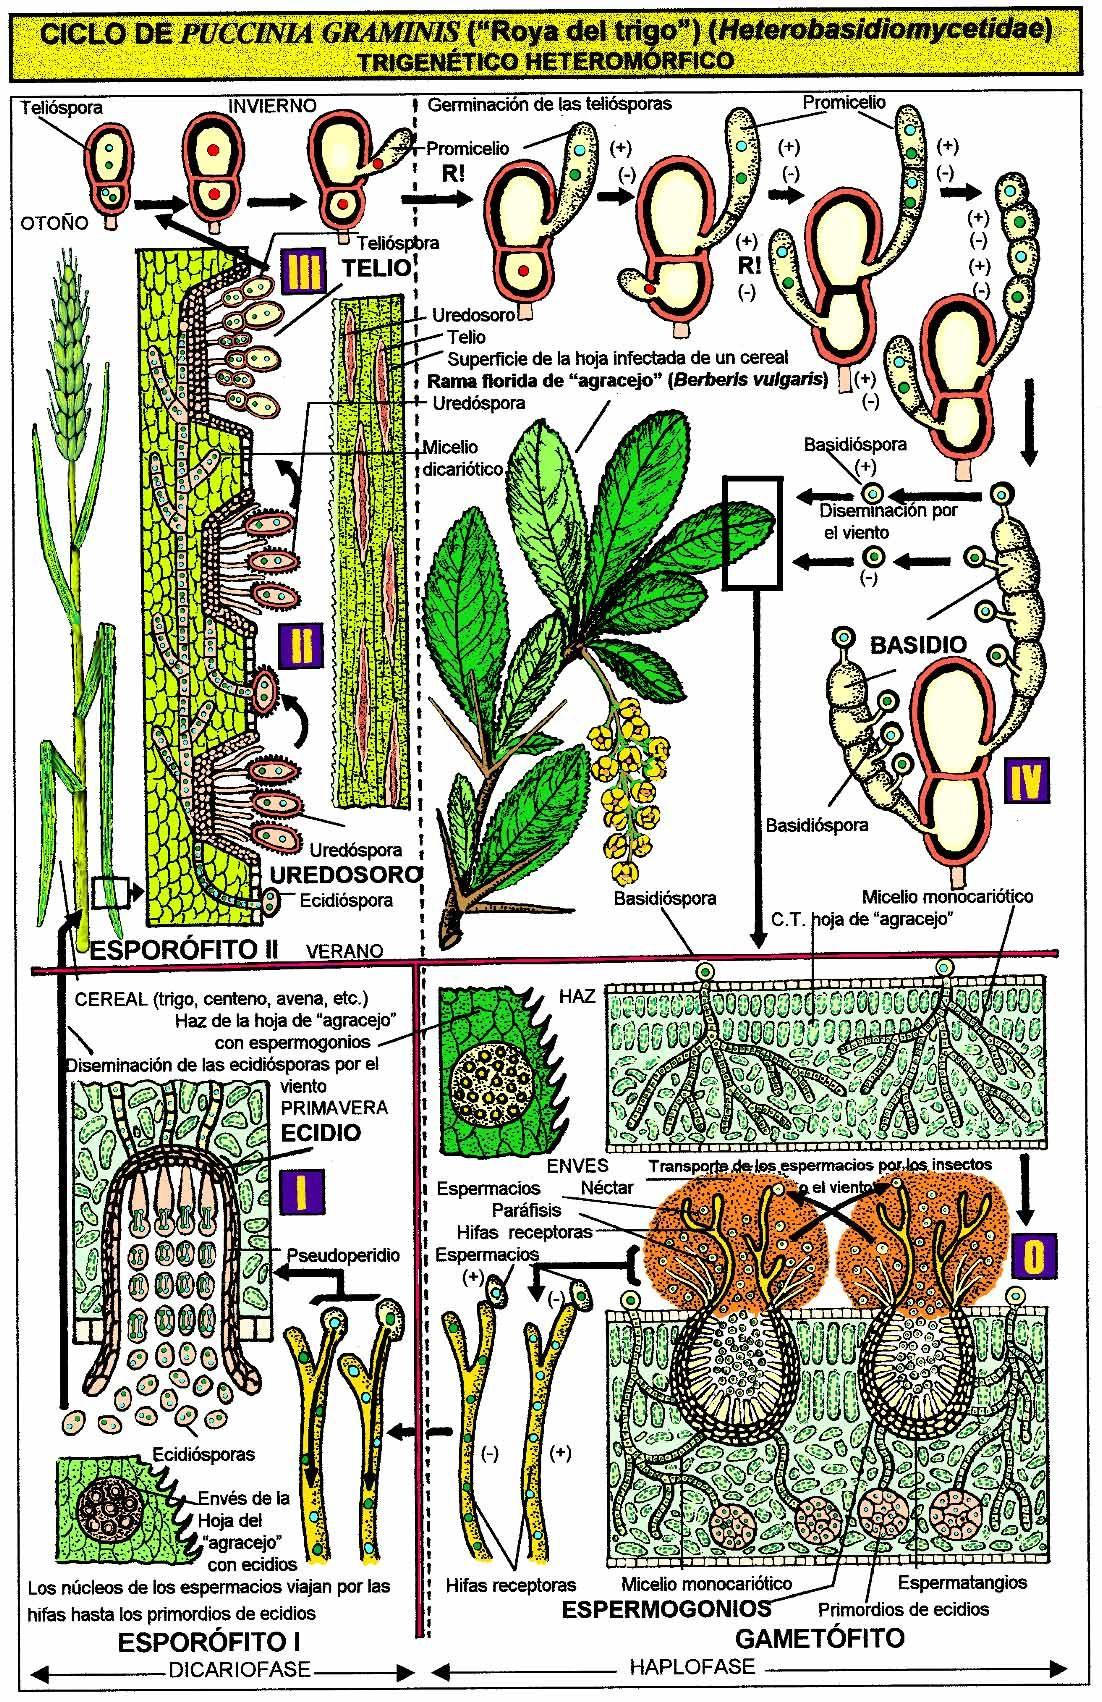 96 Ideas De Fungi Hongos Setas Comestibles Setas